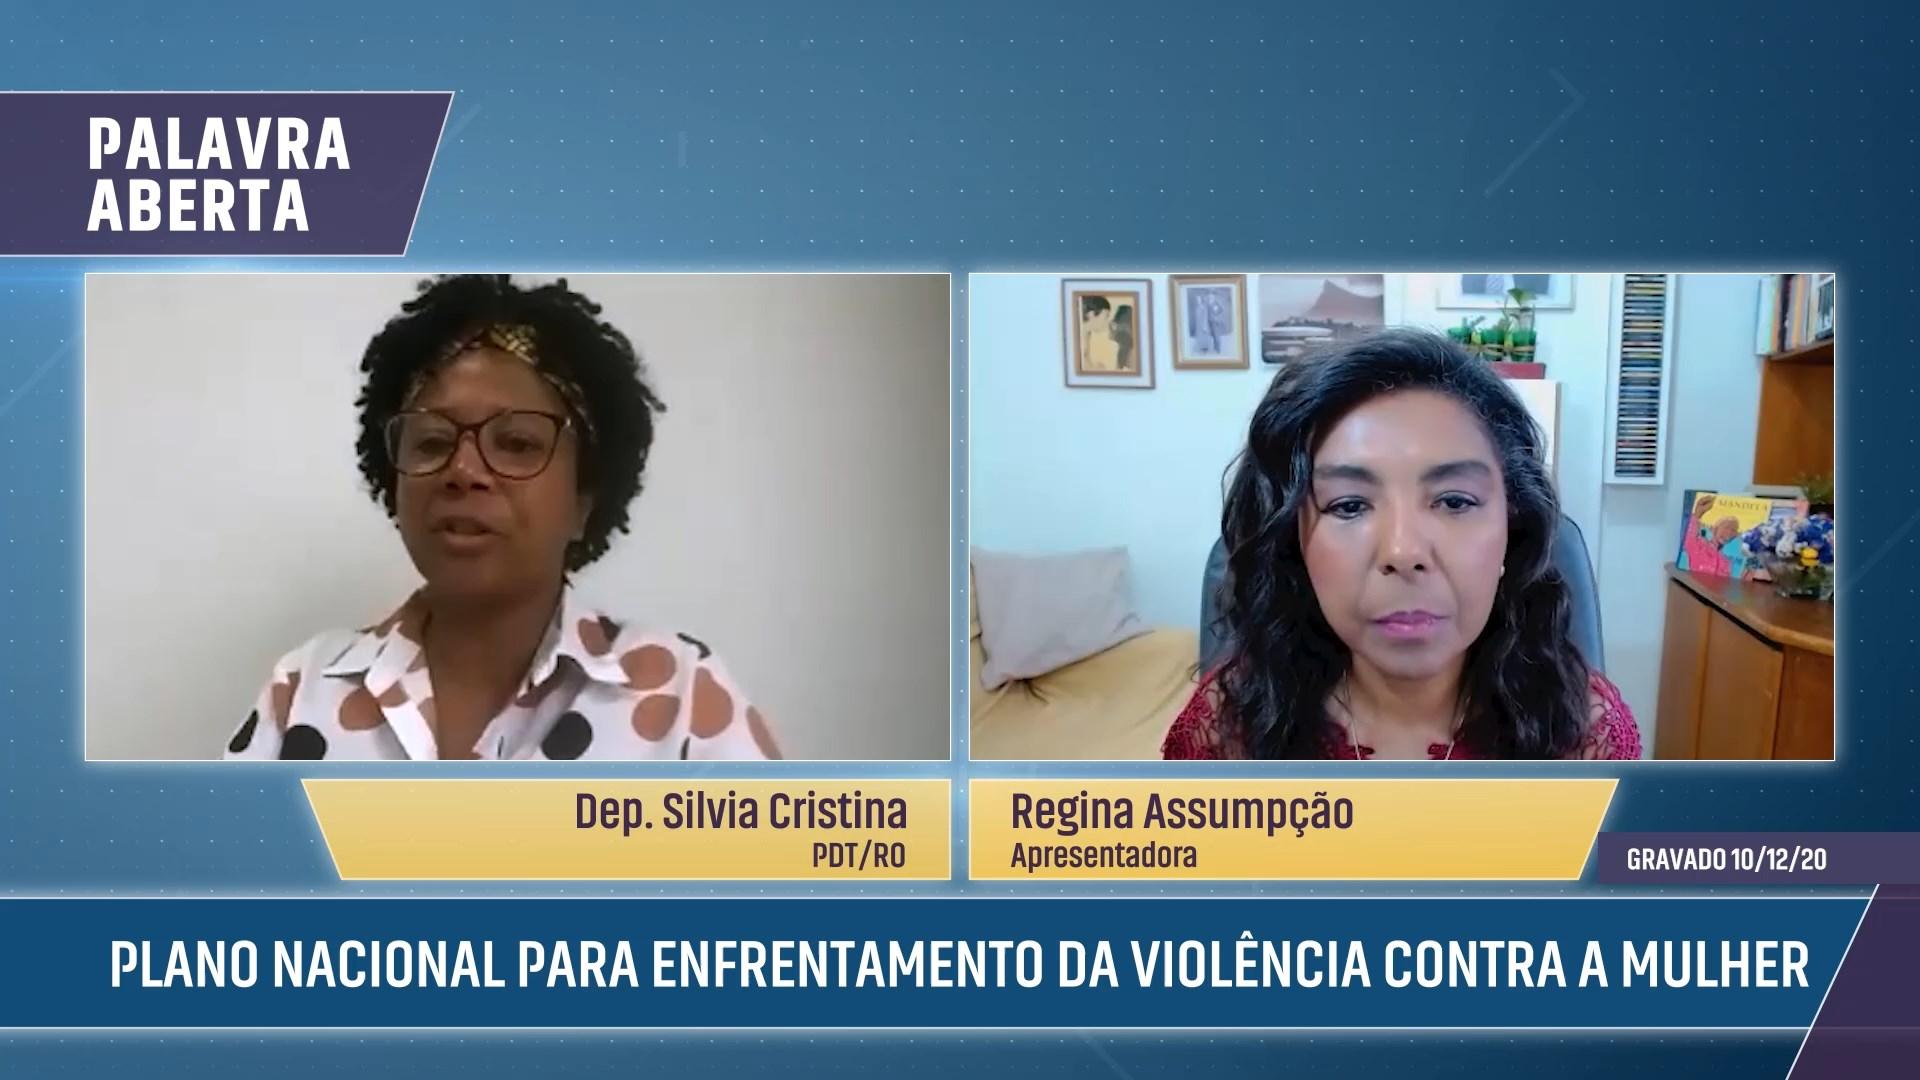 Plano Nacional para Enfrentamento da Violência contra a Mulher